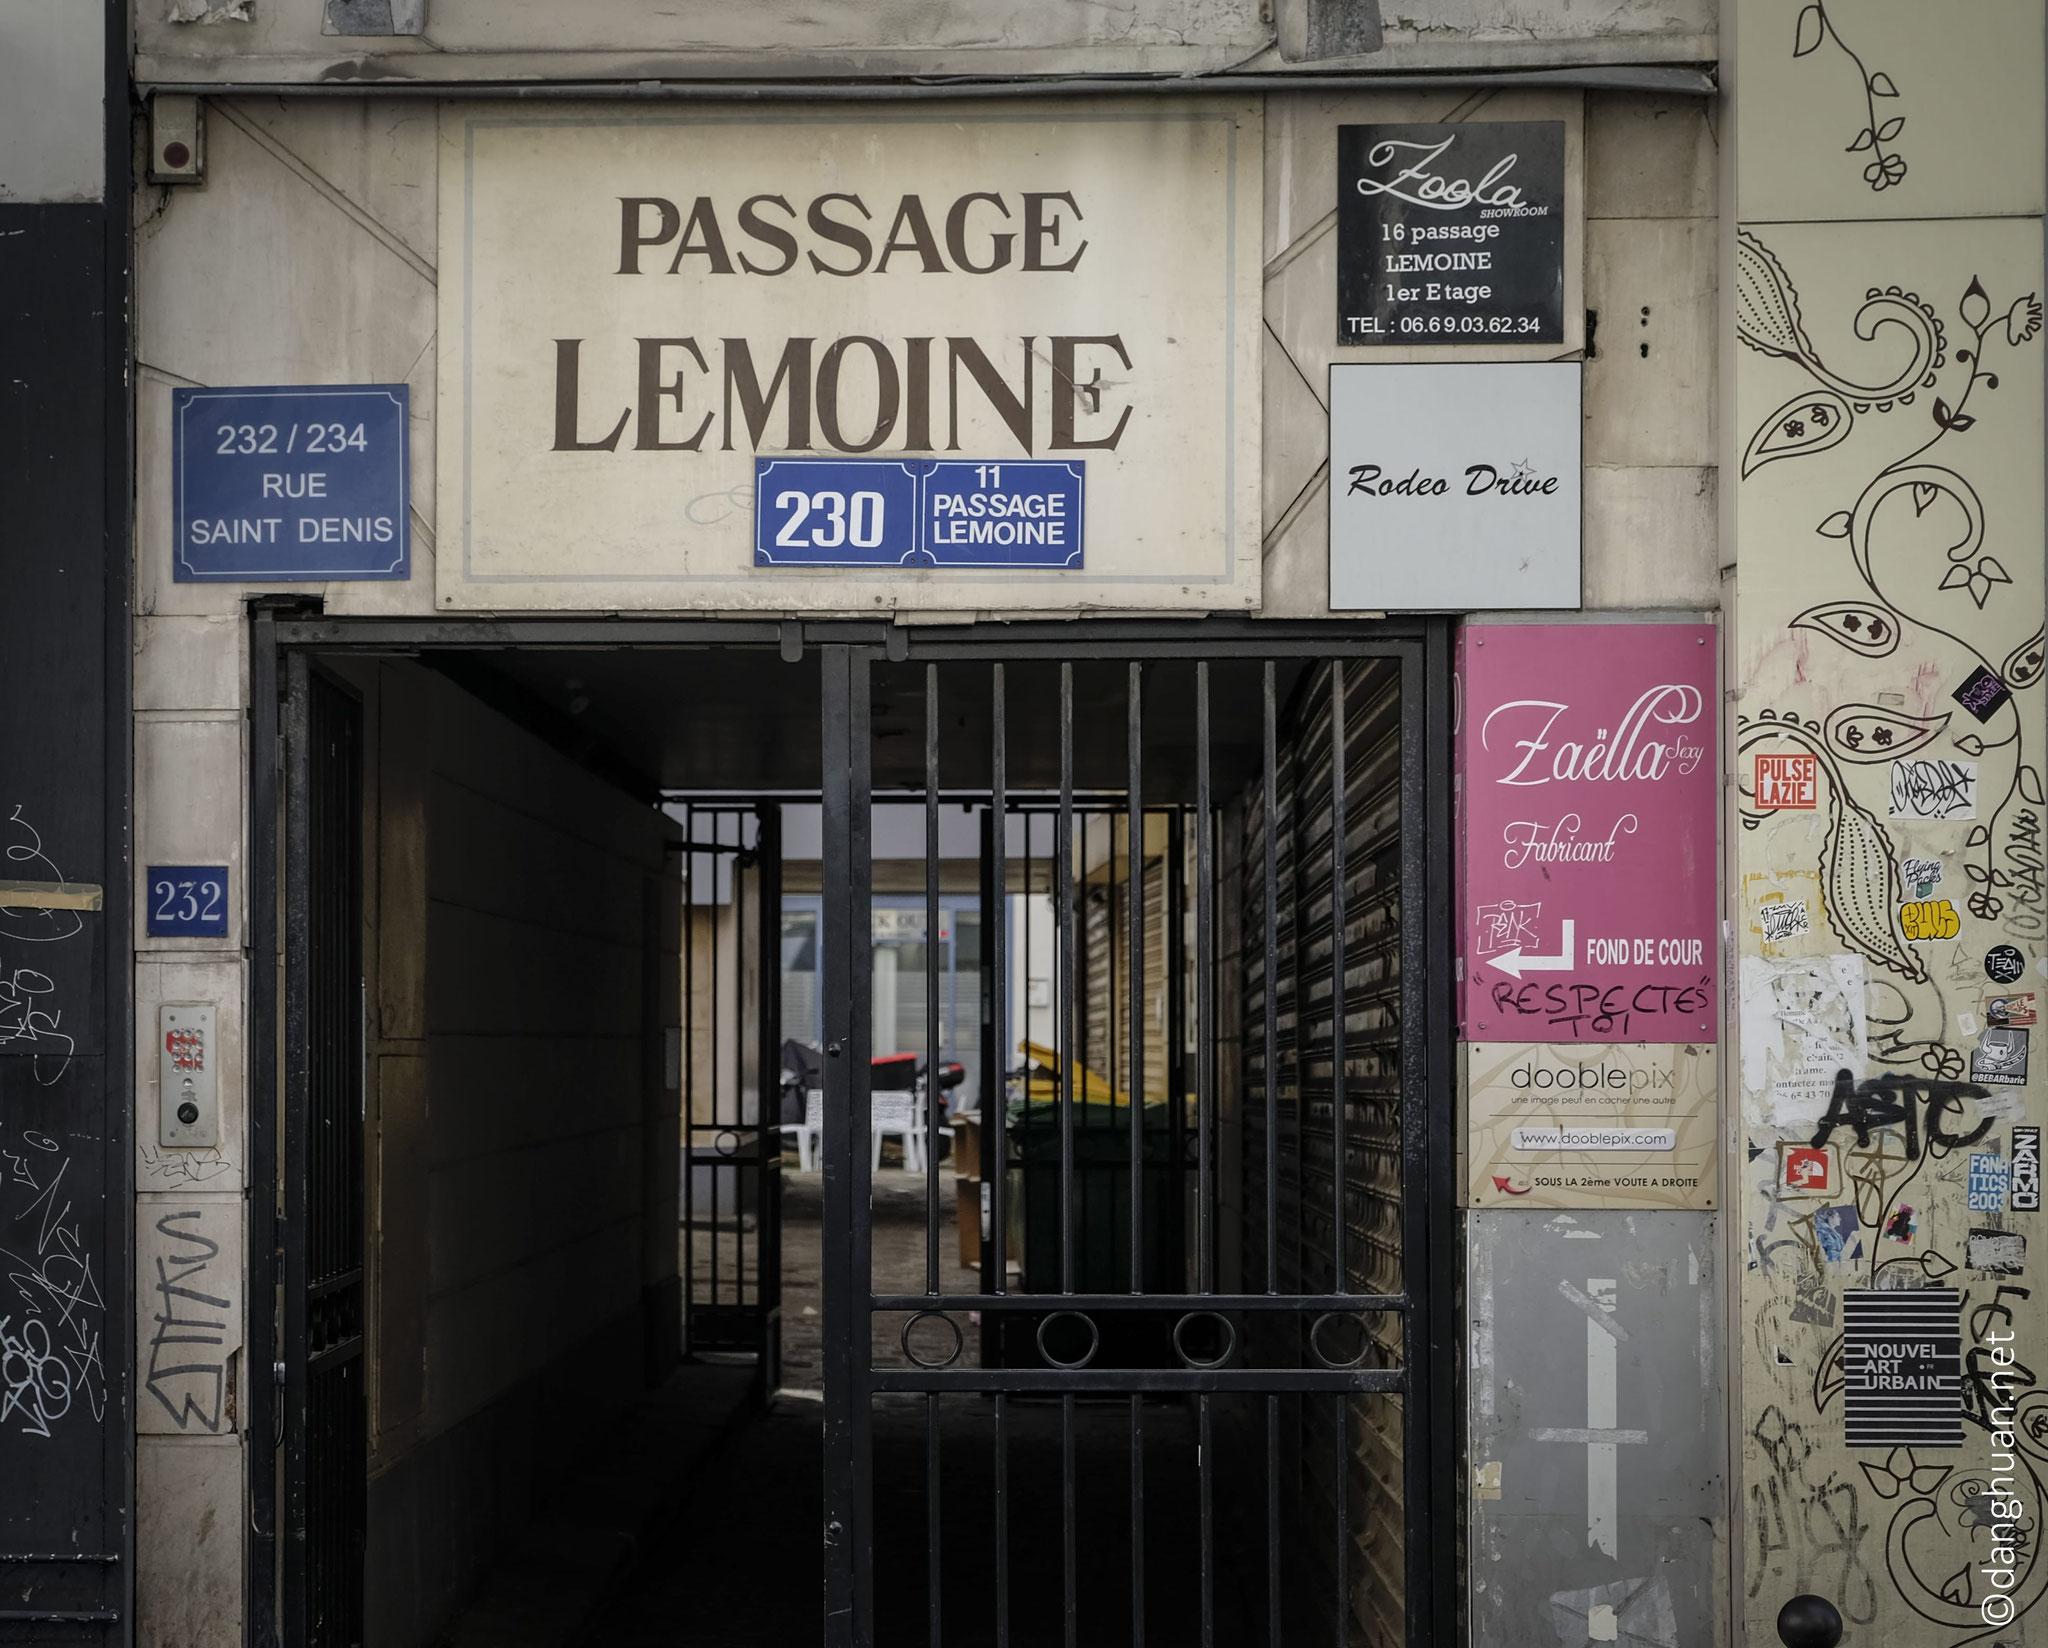 Passage Lemoine